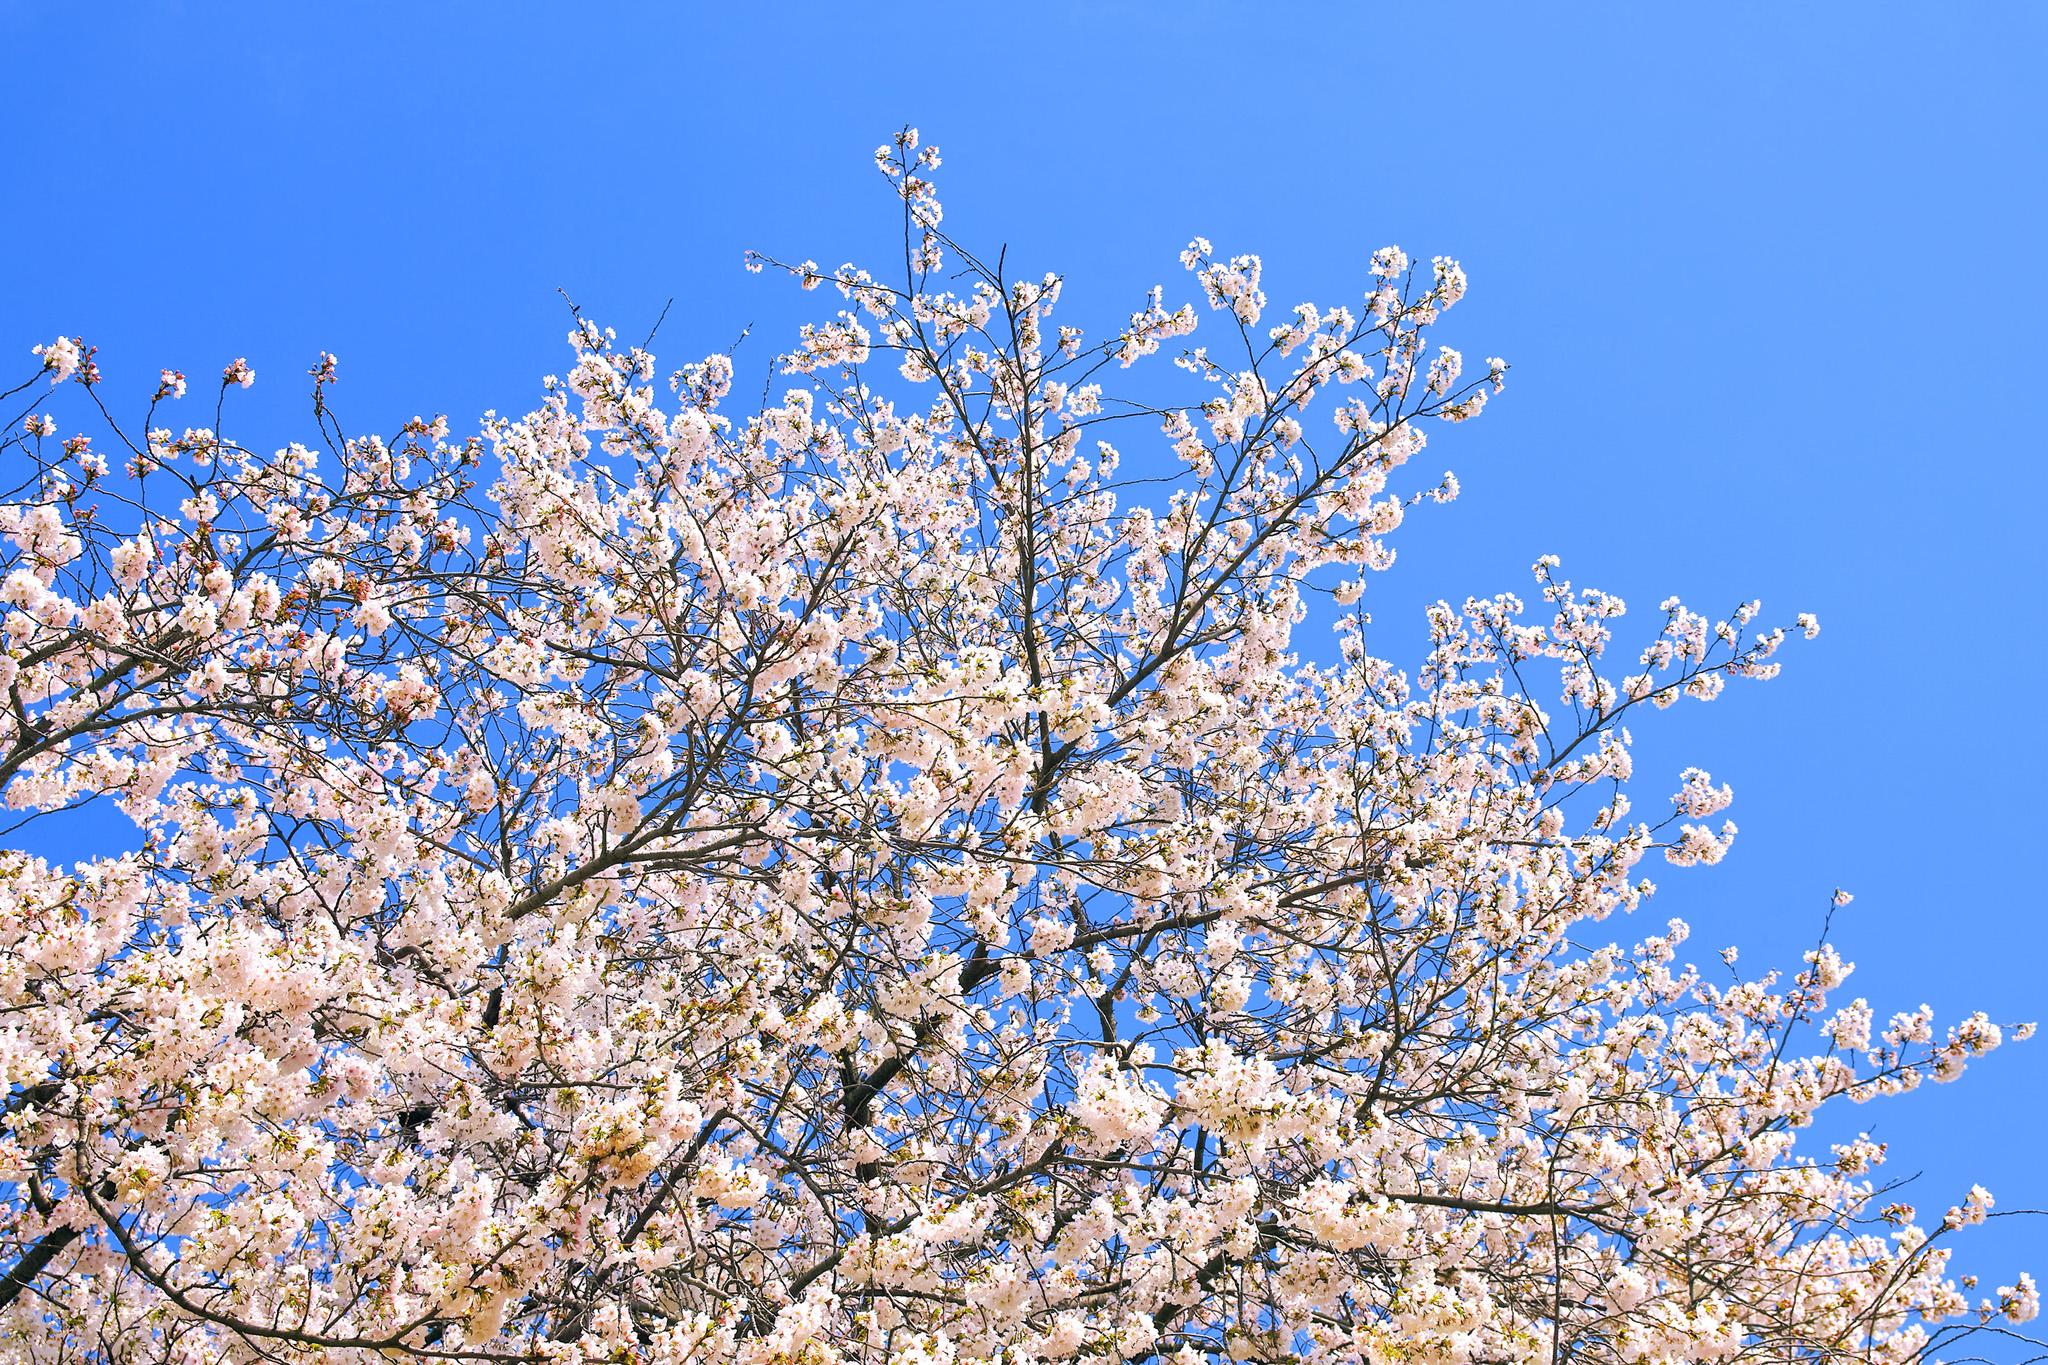 「桜の木」の画像を無料ダウンロード